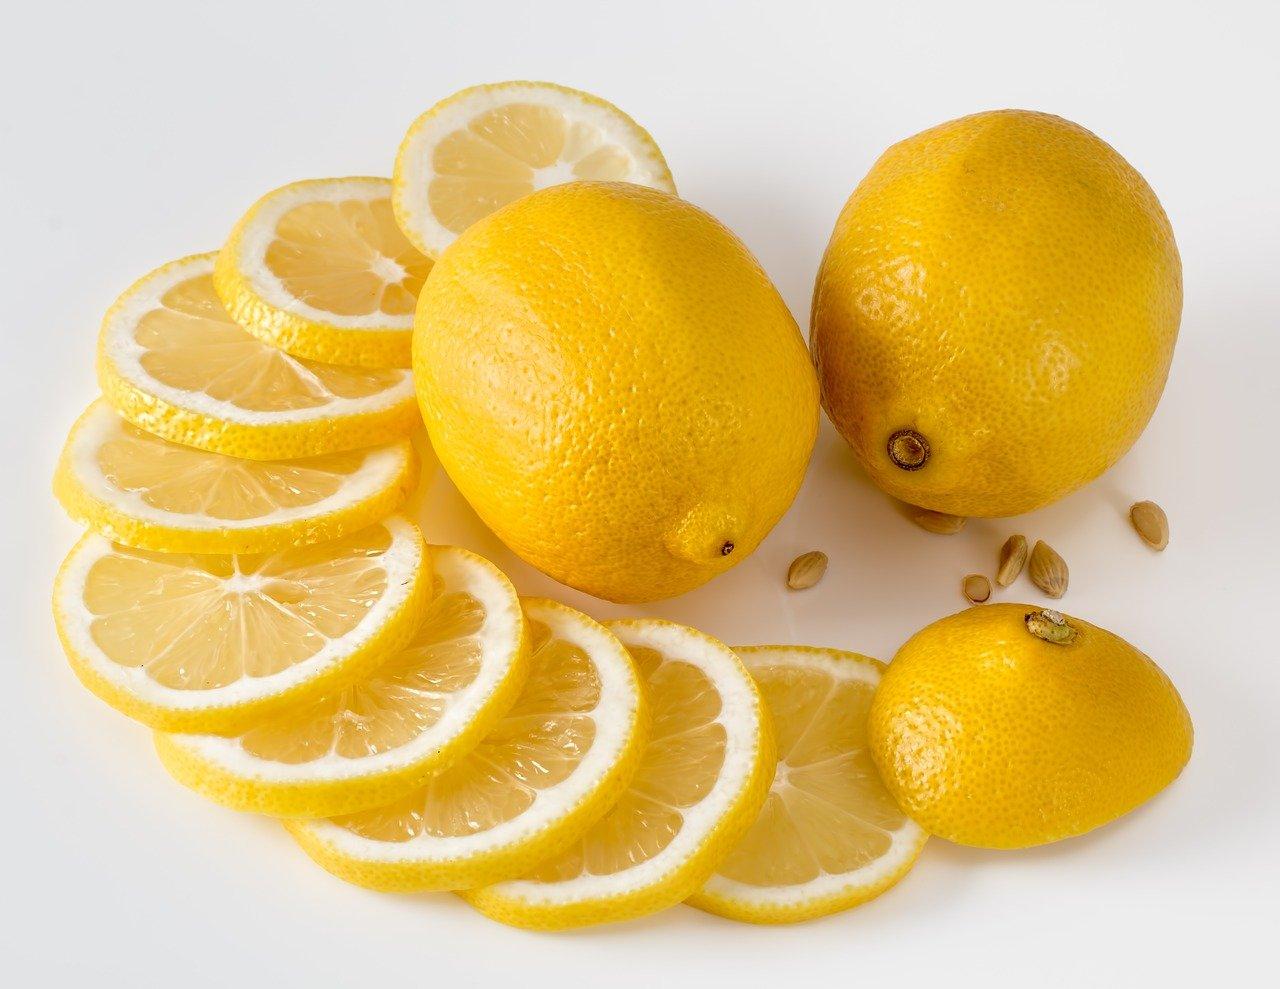 Zitronensäure – eine gefährliche Täuschung